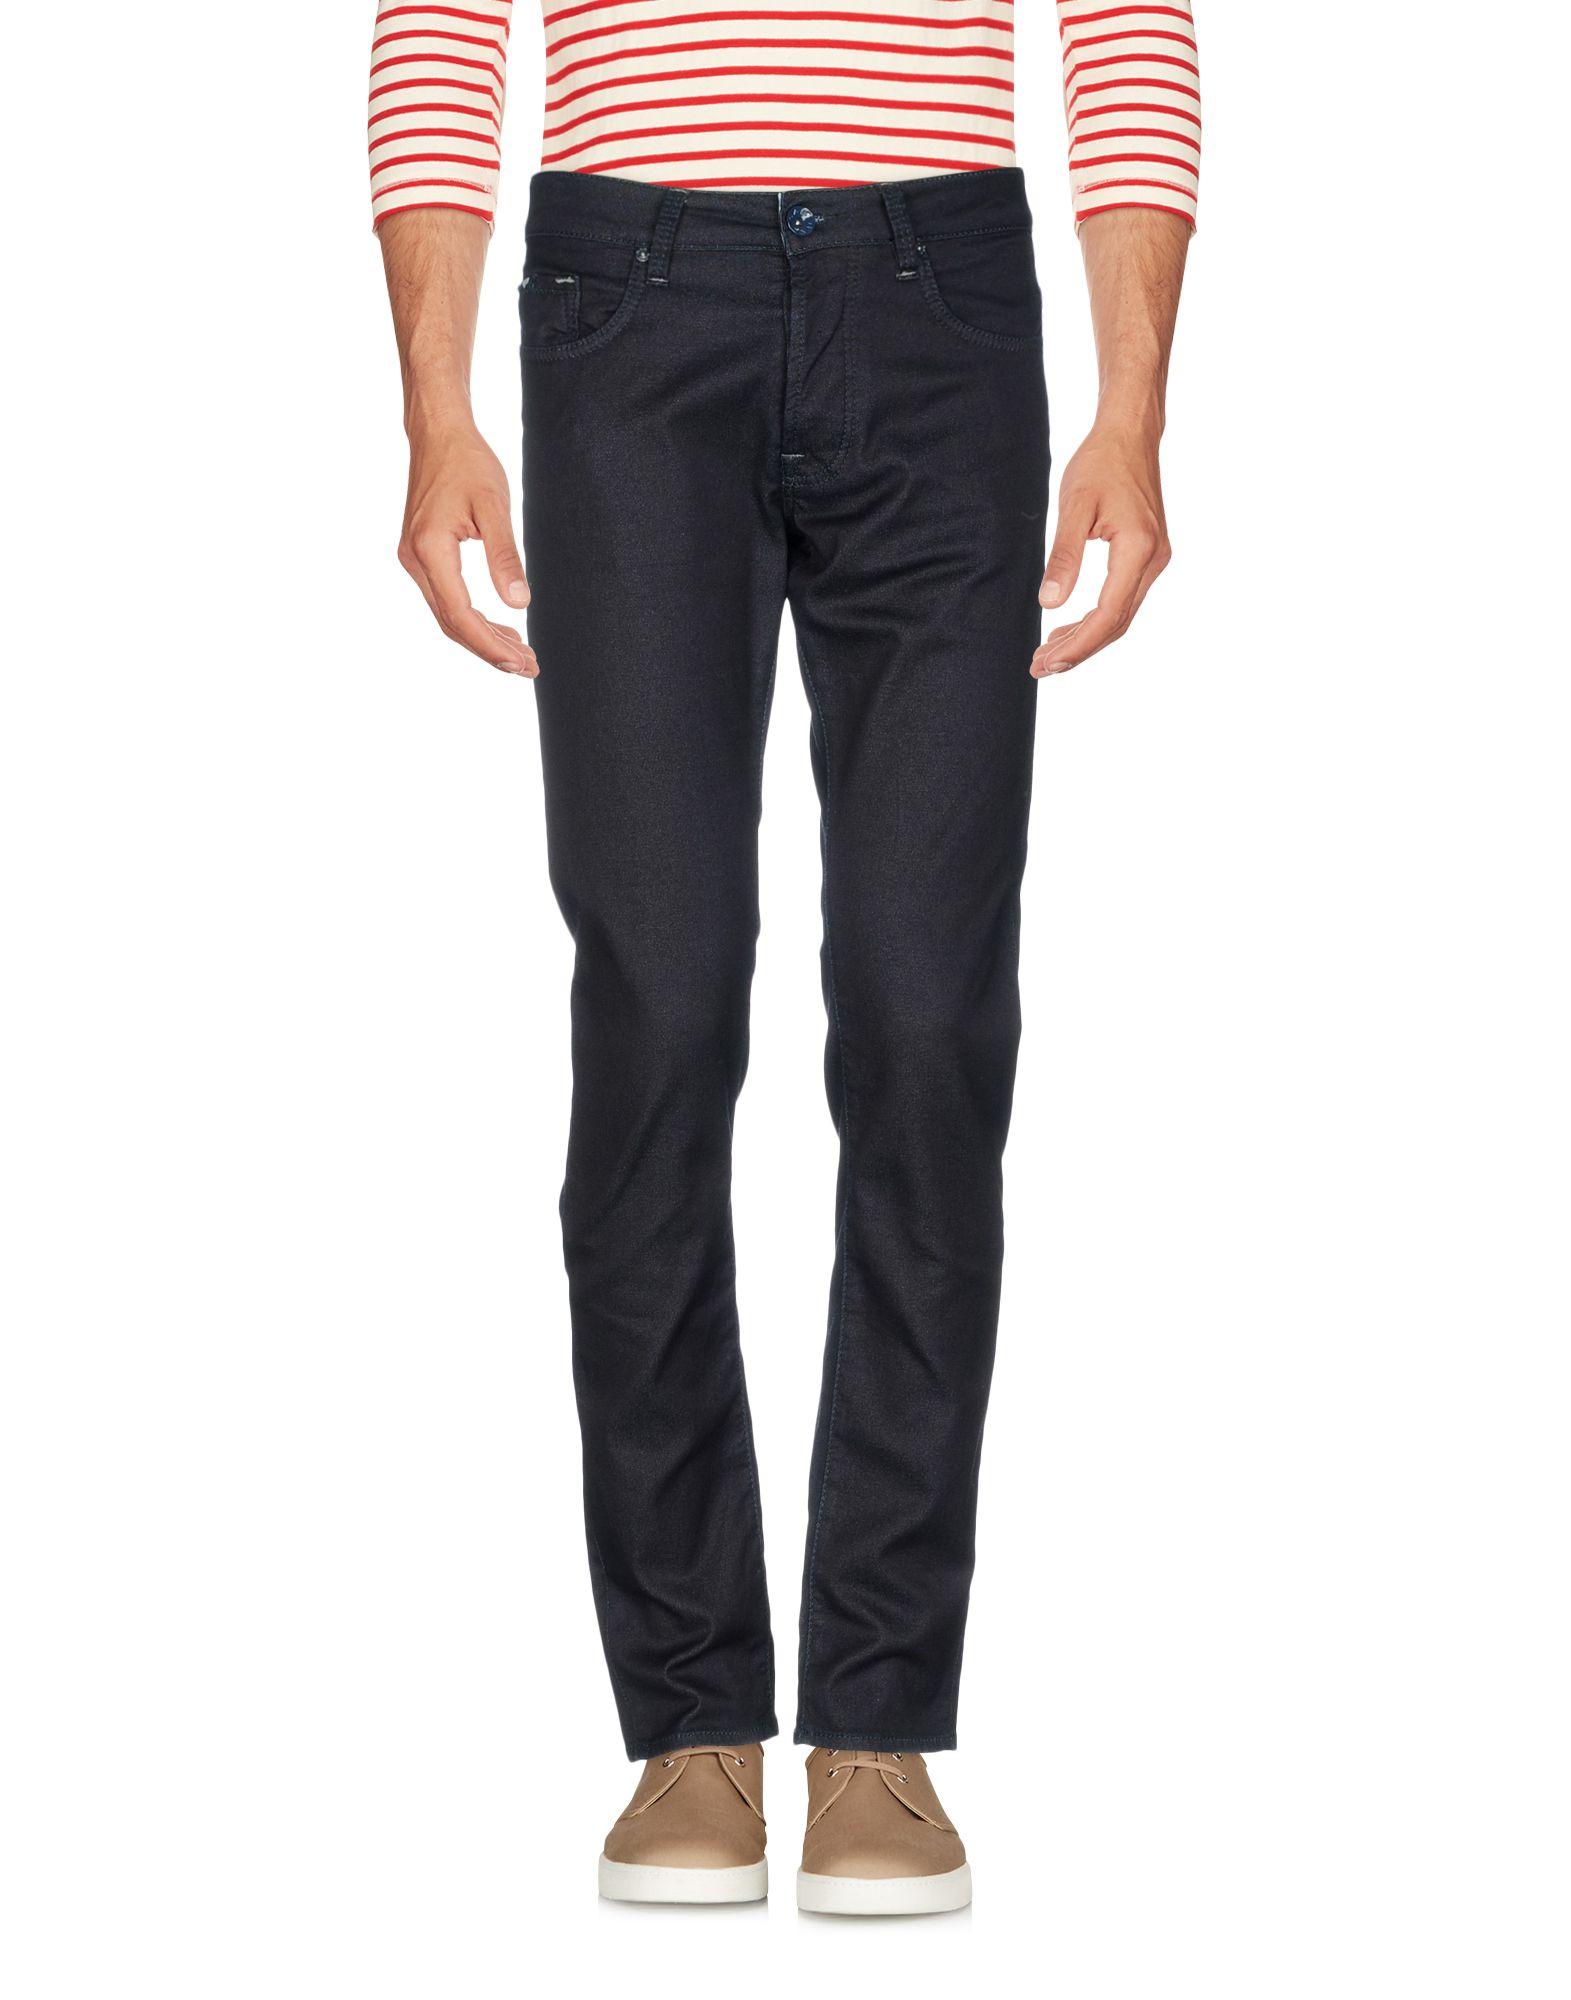 Pantaloni Pantaloni Pantaloni Jeans Gas Uomo - 42655202NS e308f0